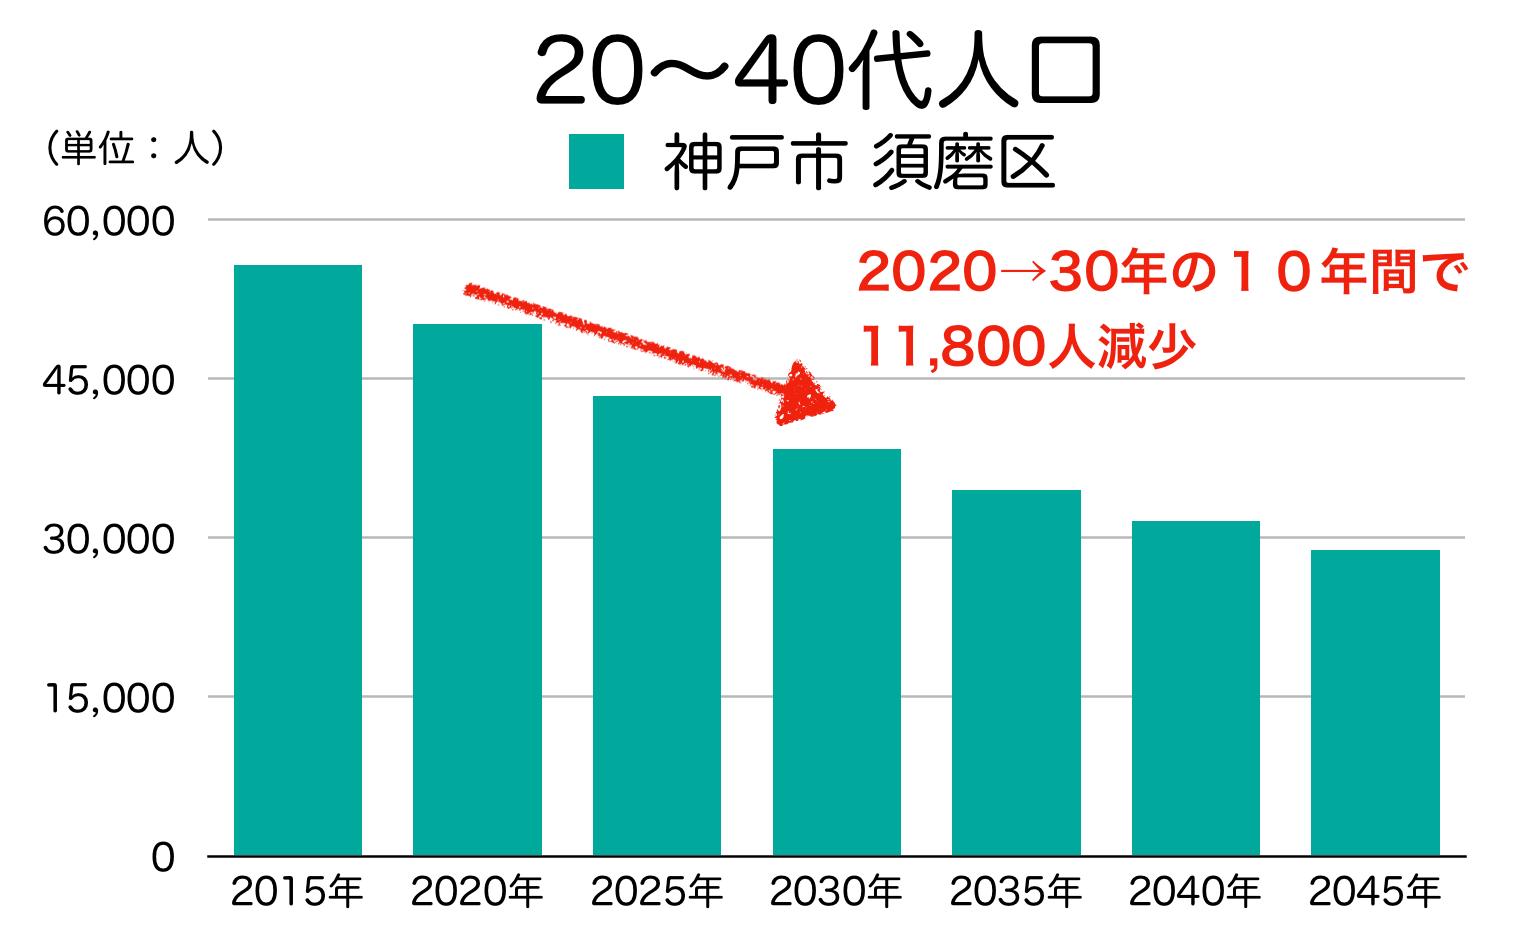 神戸市須磨区の20〜40代人口の予測